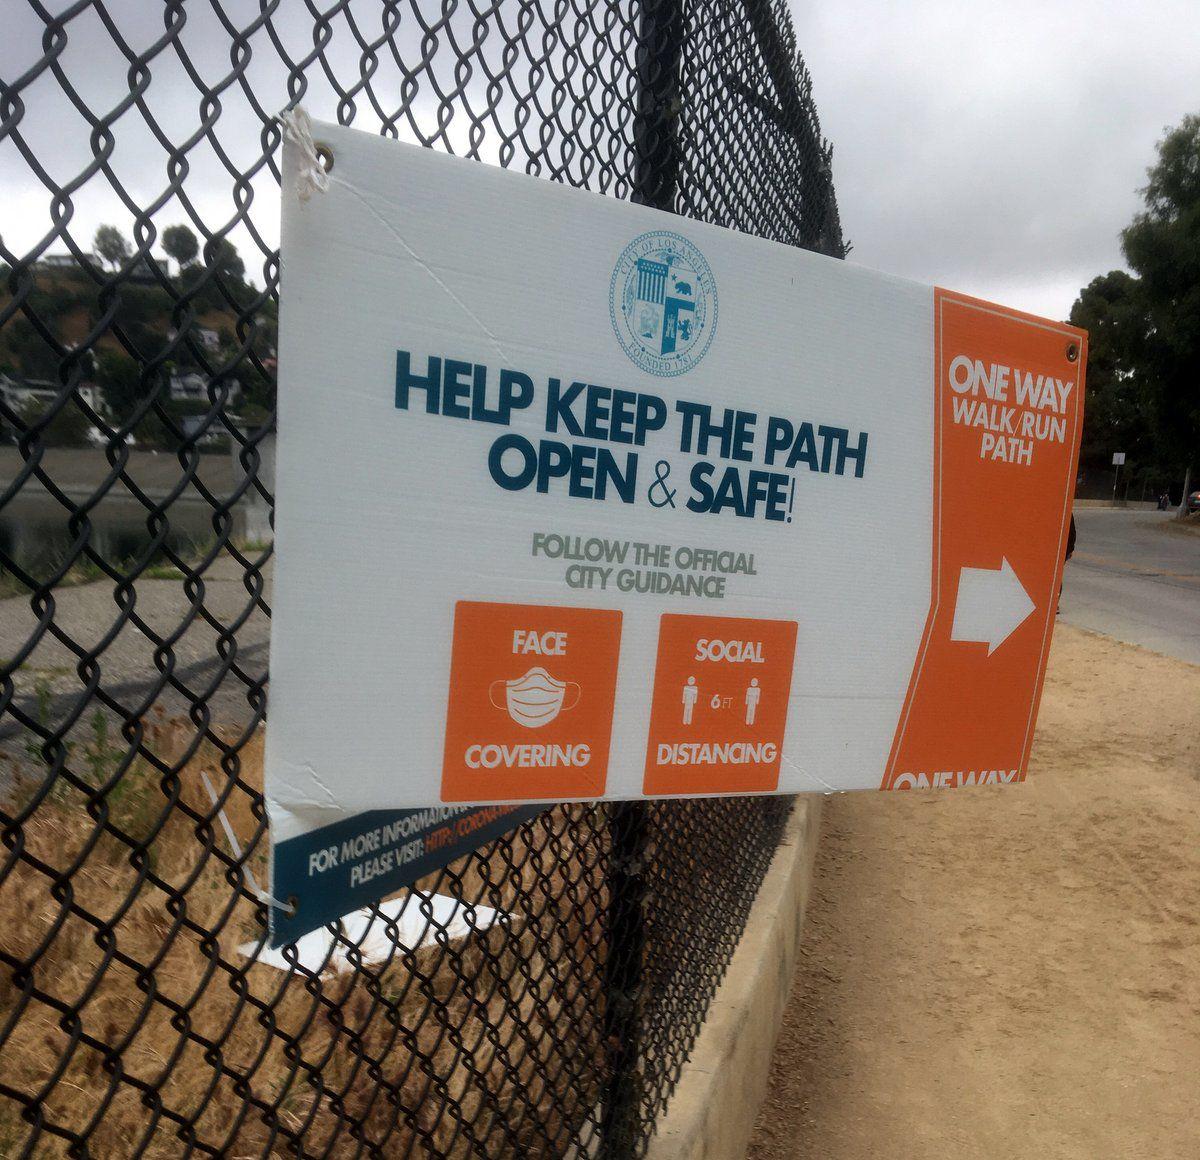 vandalized silver lake reservoir one way sign eastsider reader.jpg